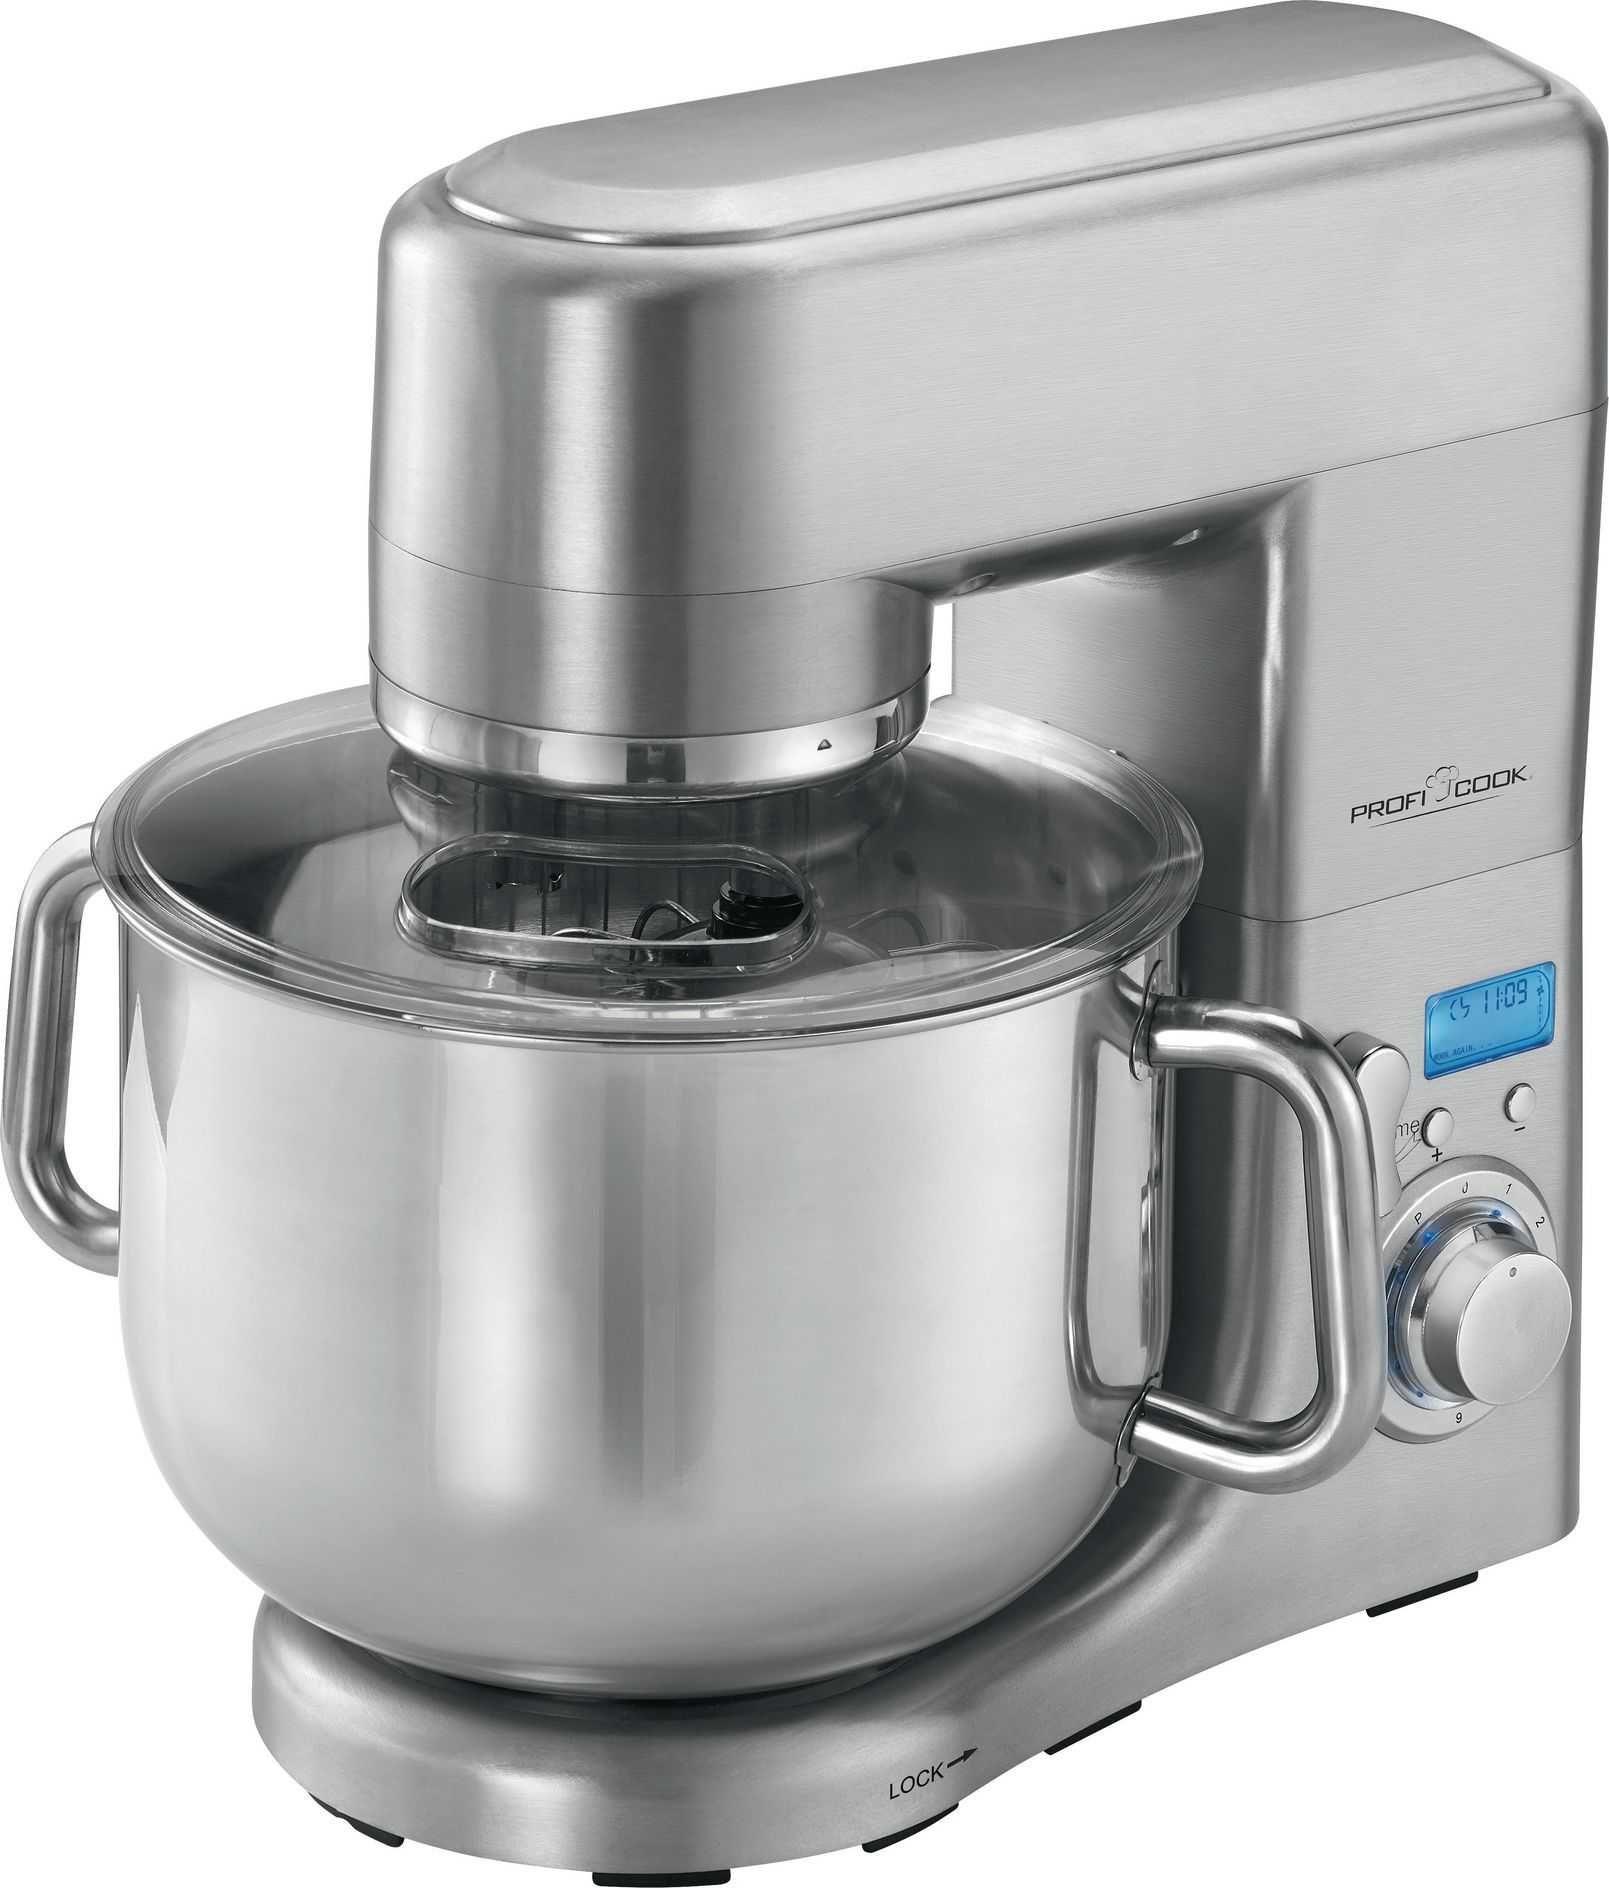 Profi Cook Küchenmaschine 2021